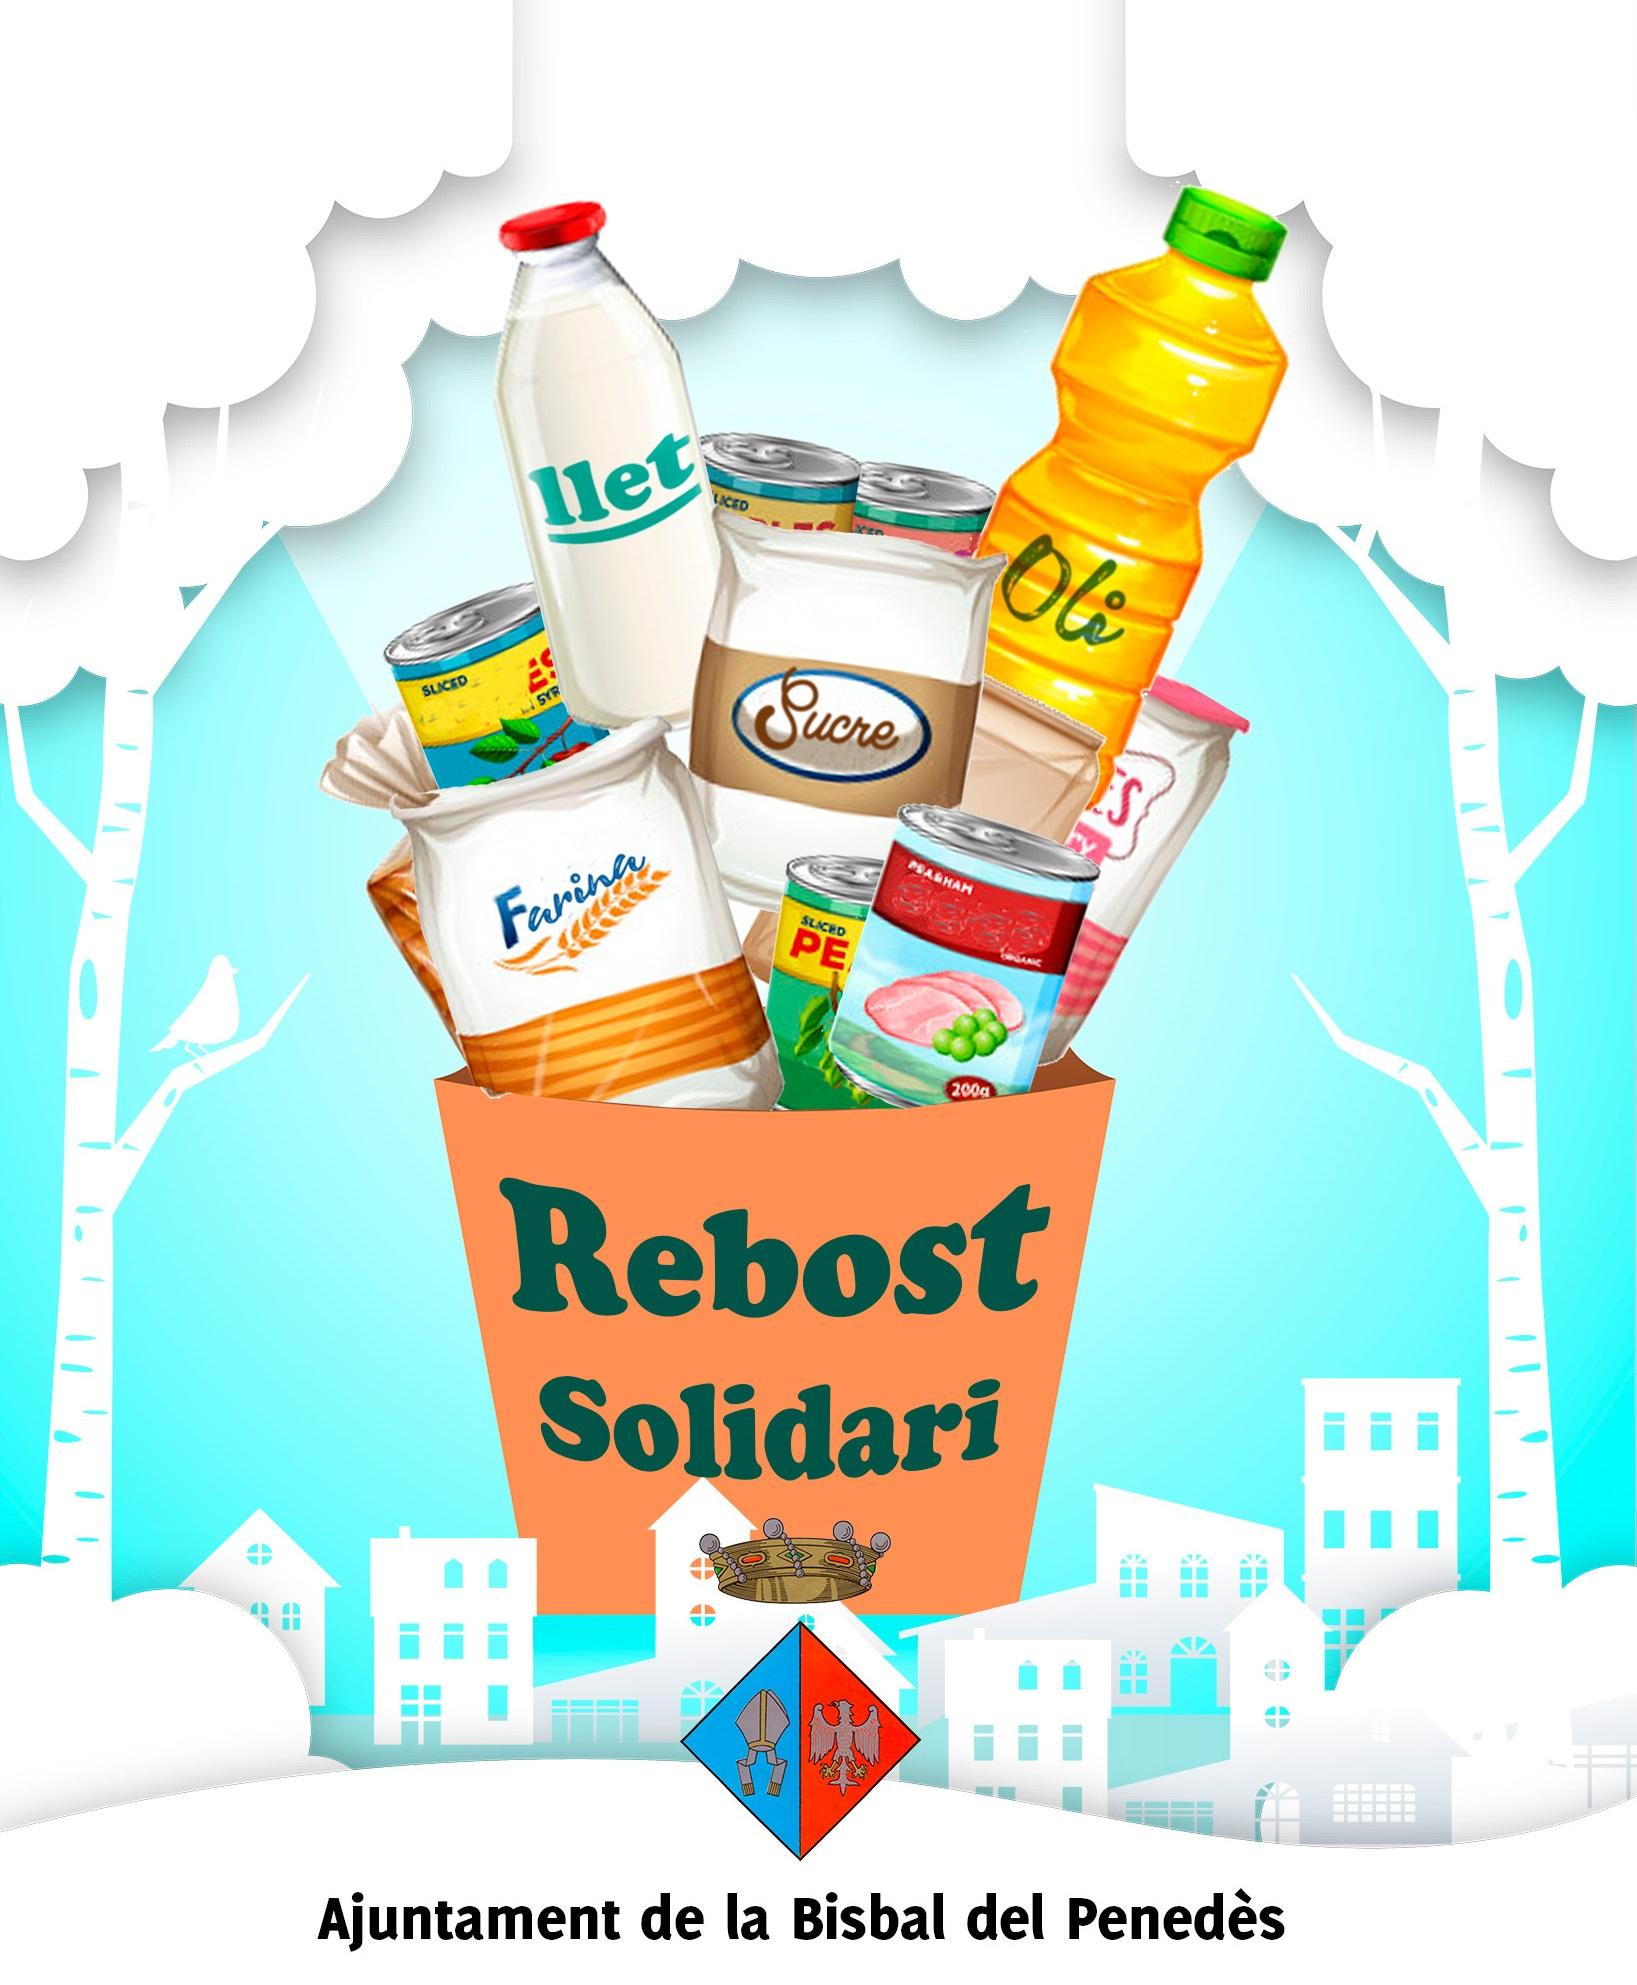 Consulta pública per confeccionar el reglament del Rebost solidari